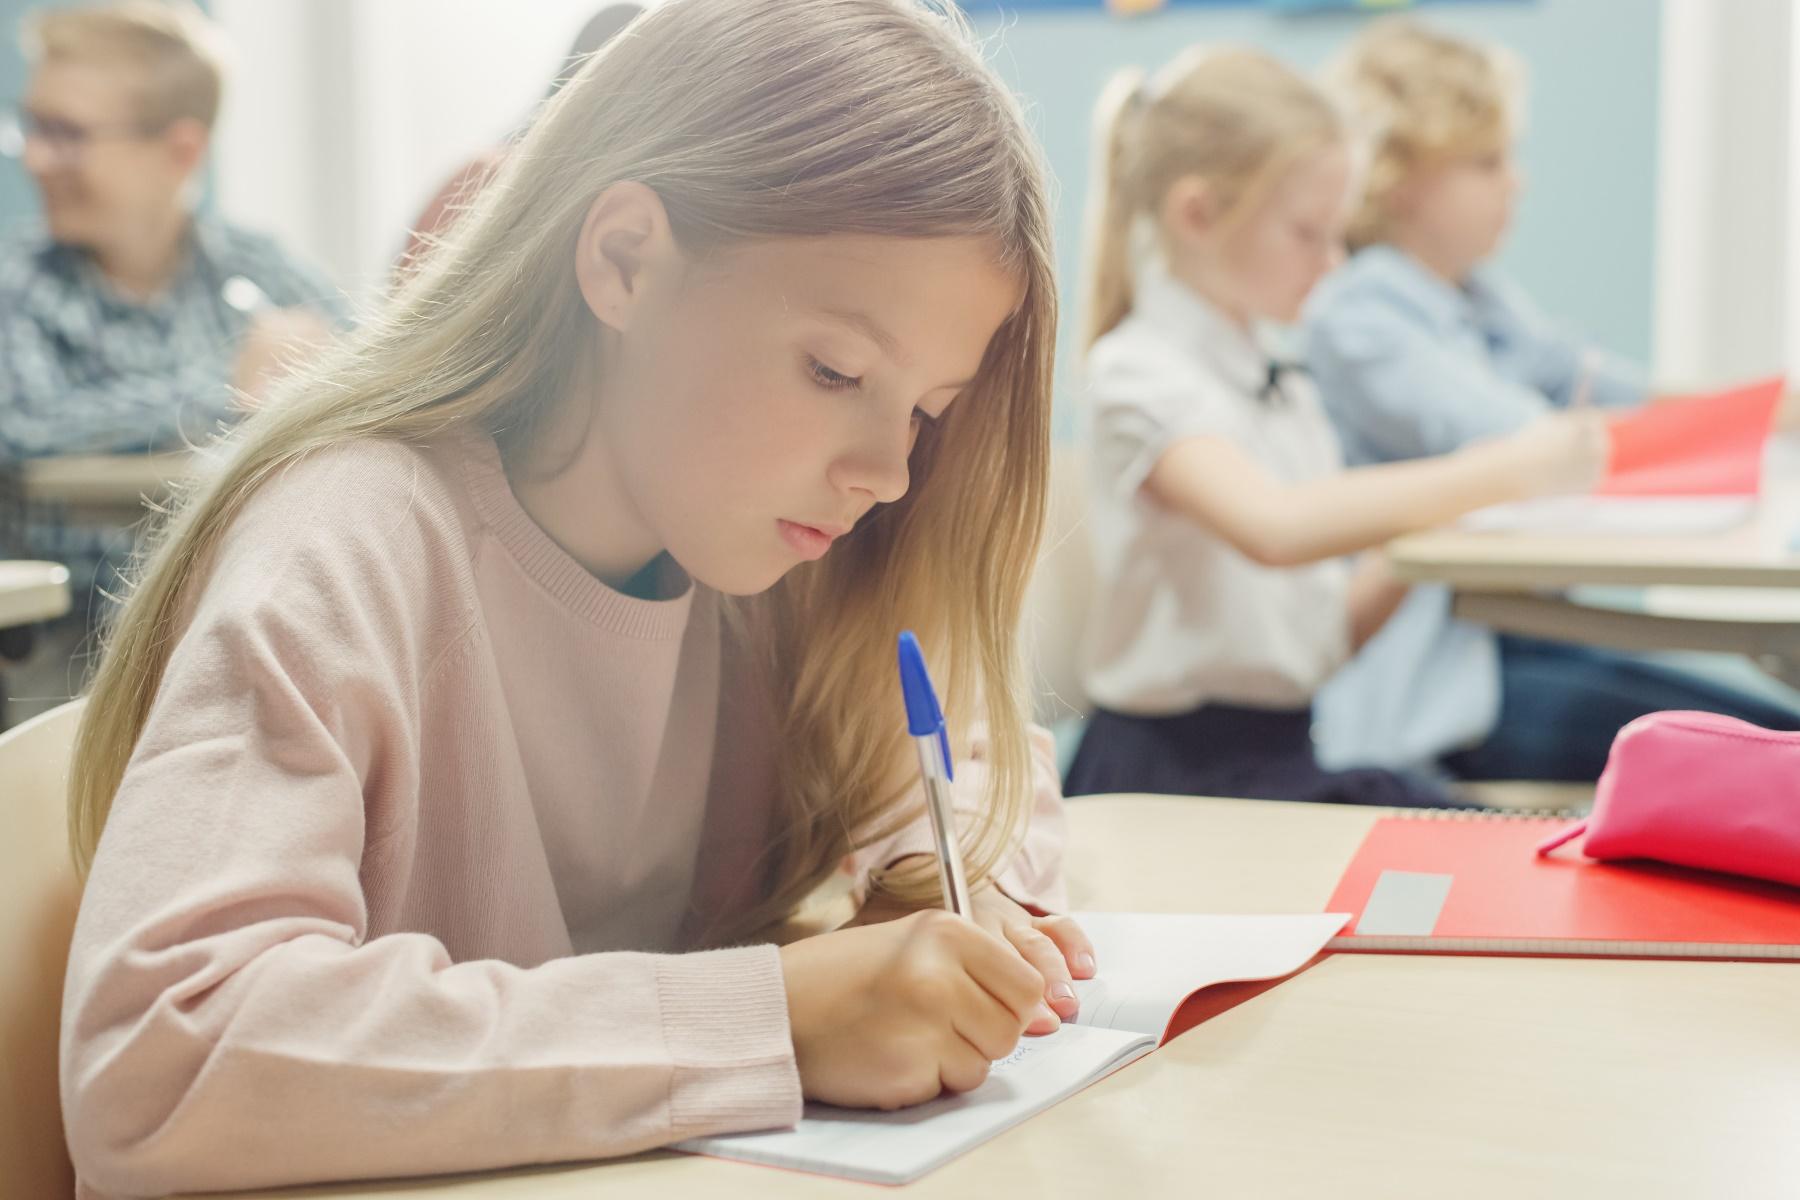 Streichung der Schulbücher sind völlig falsche Antwort auf Corona-Schuljahr!